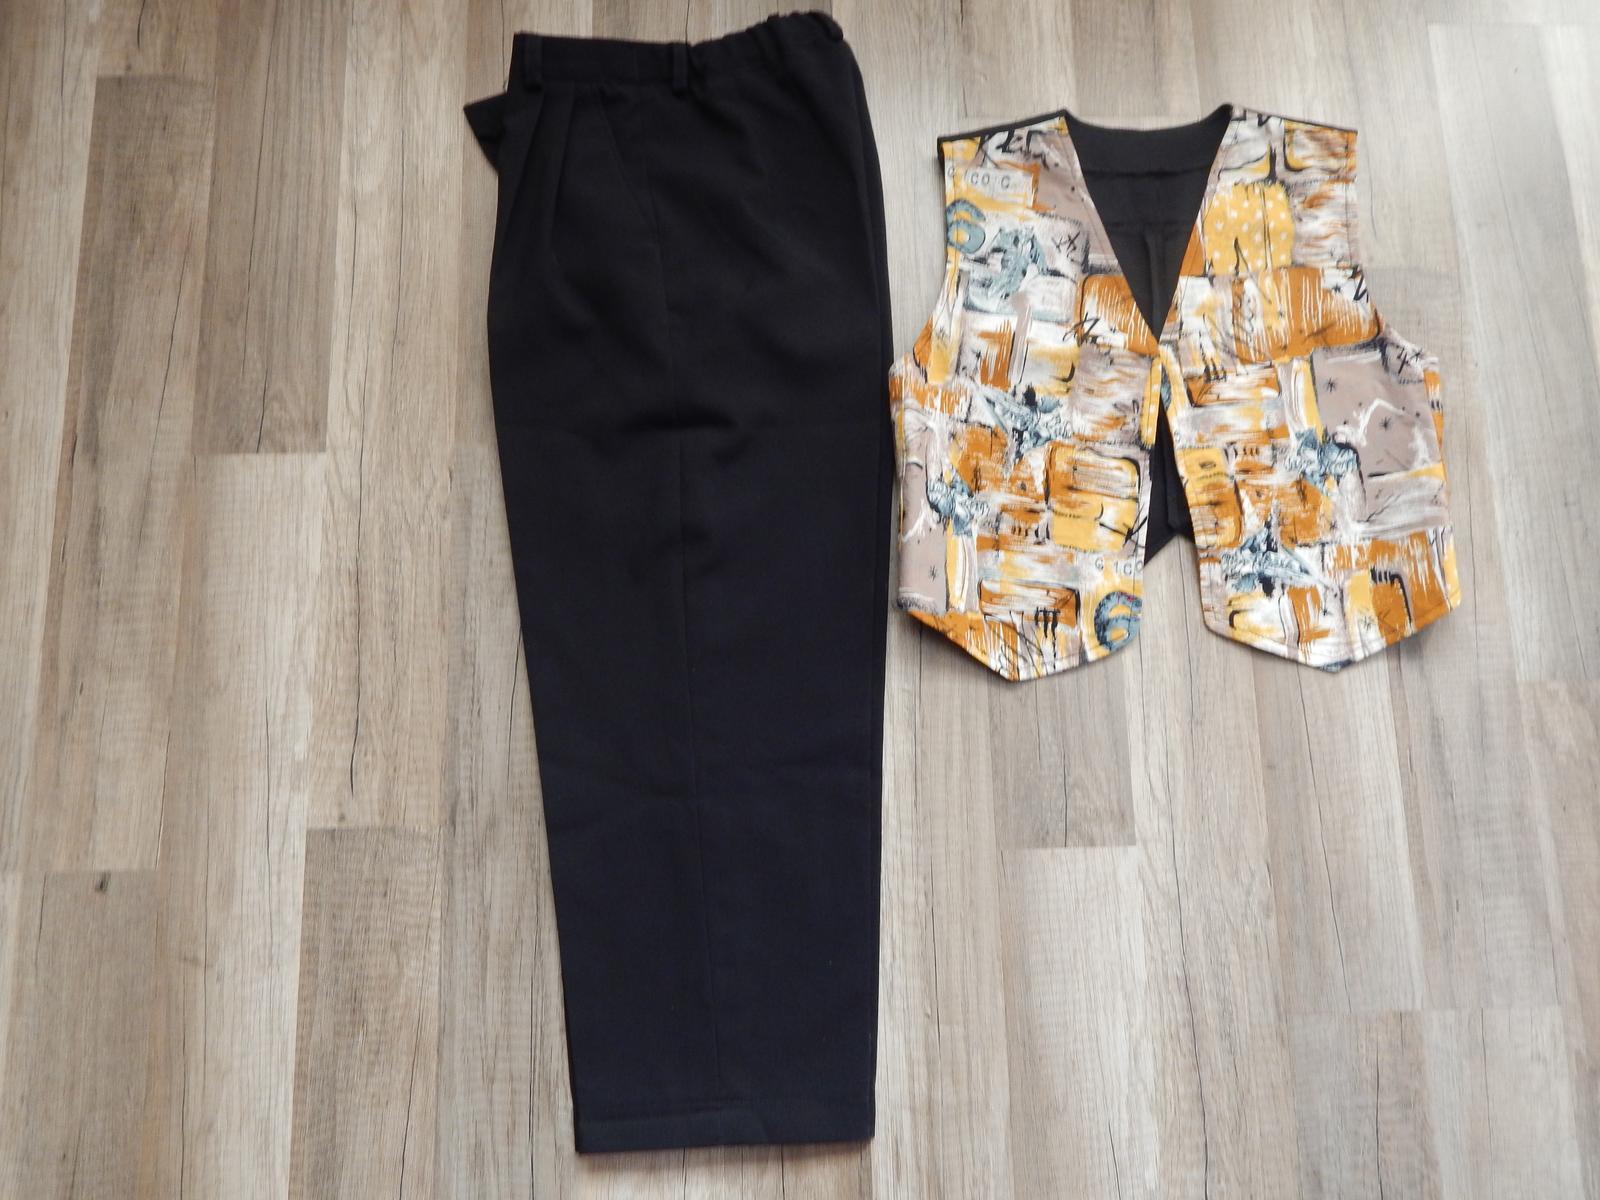 vesta+nohavice - Obrázok č. 1